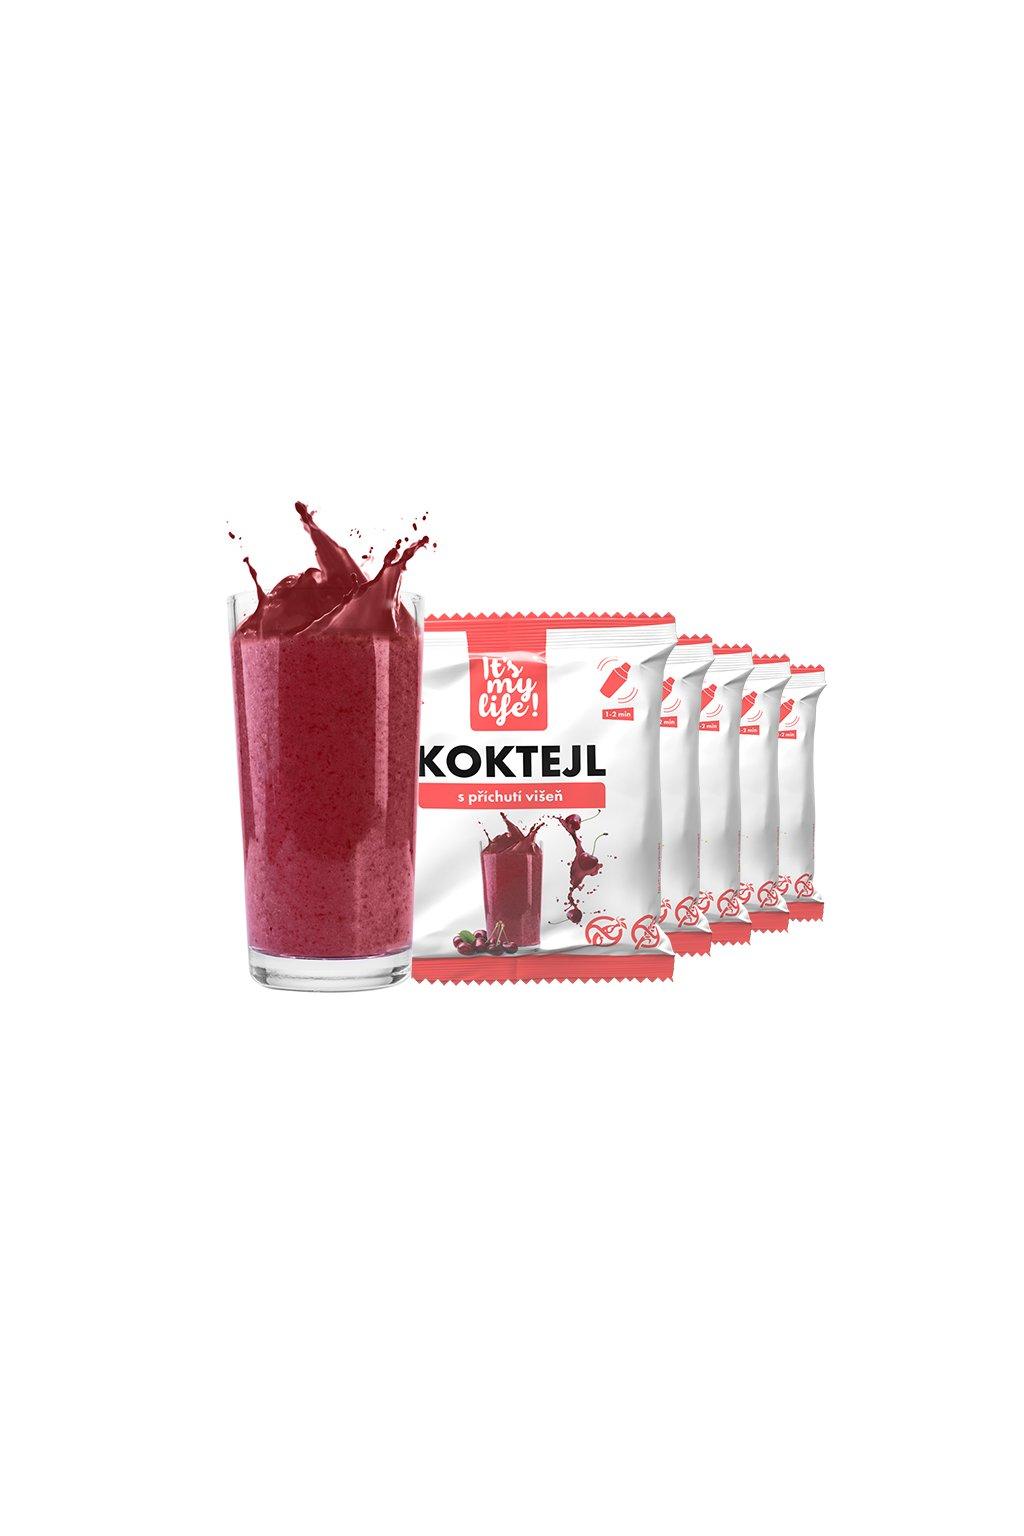 Višňové proteínové koktaily, 200g (5porcií)